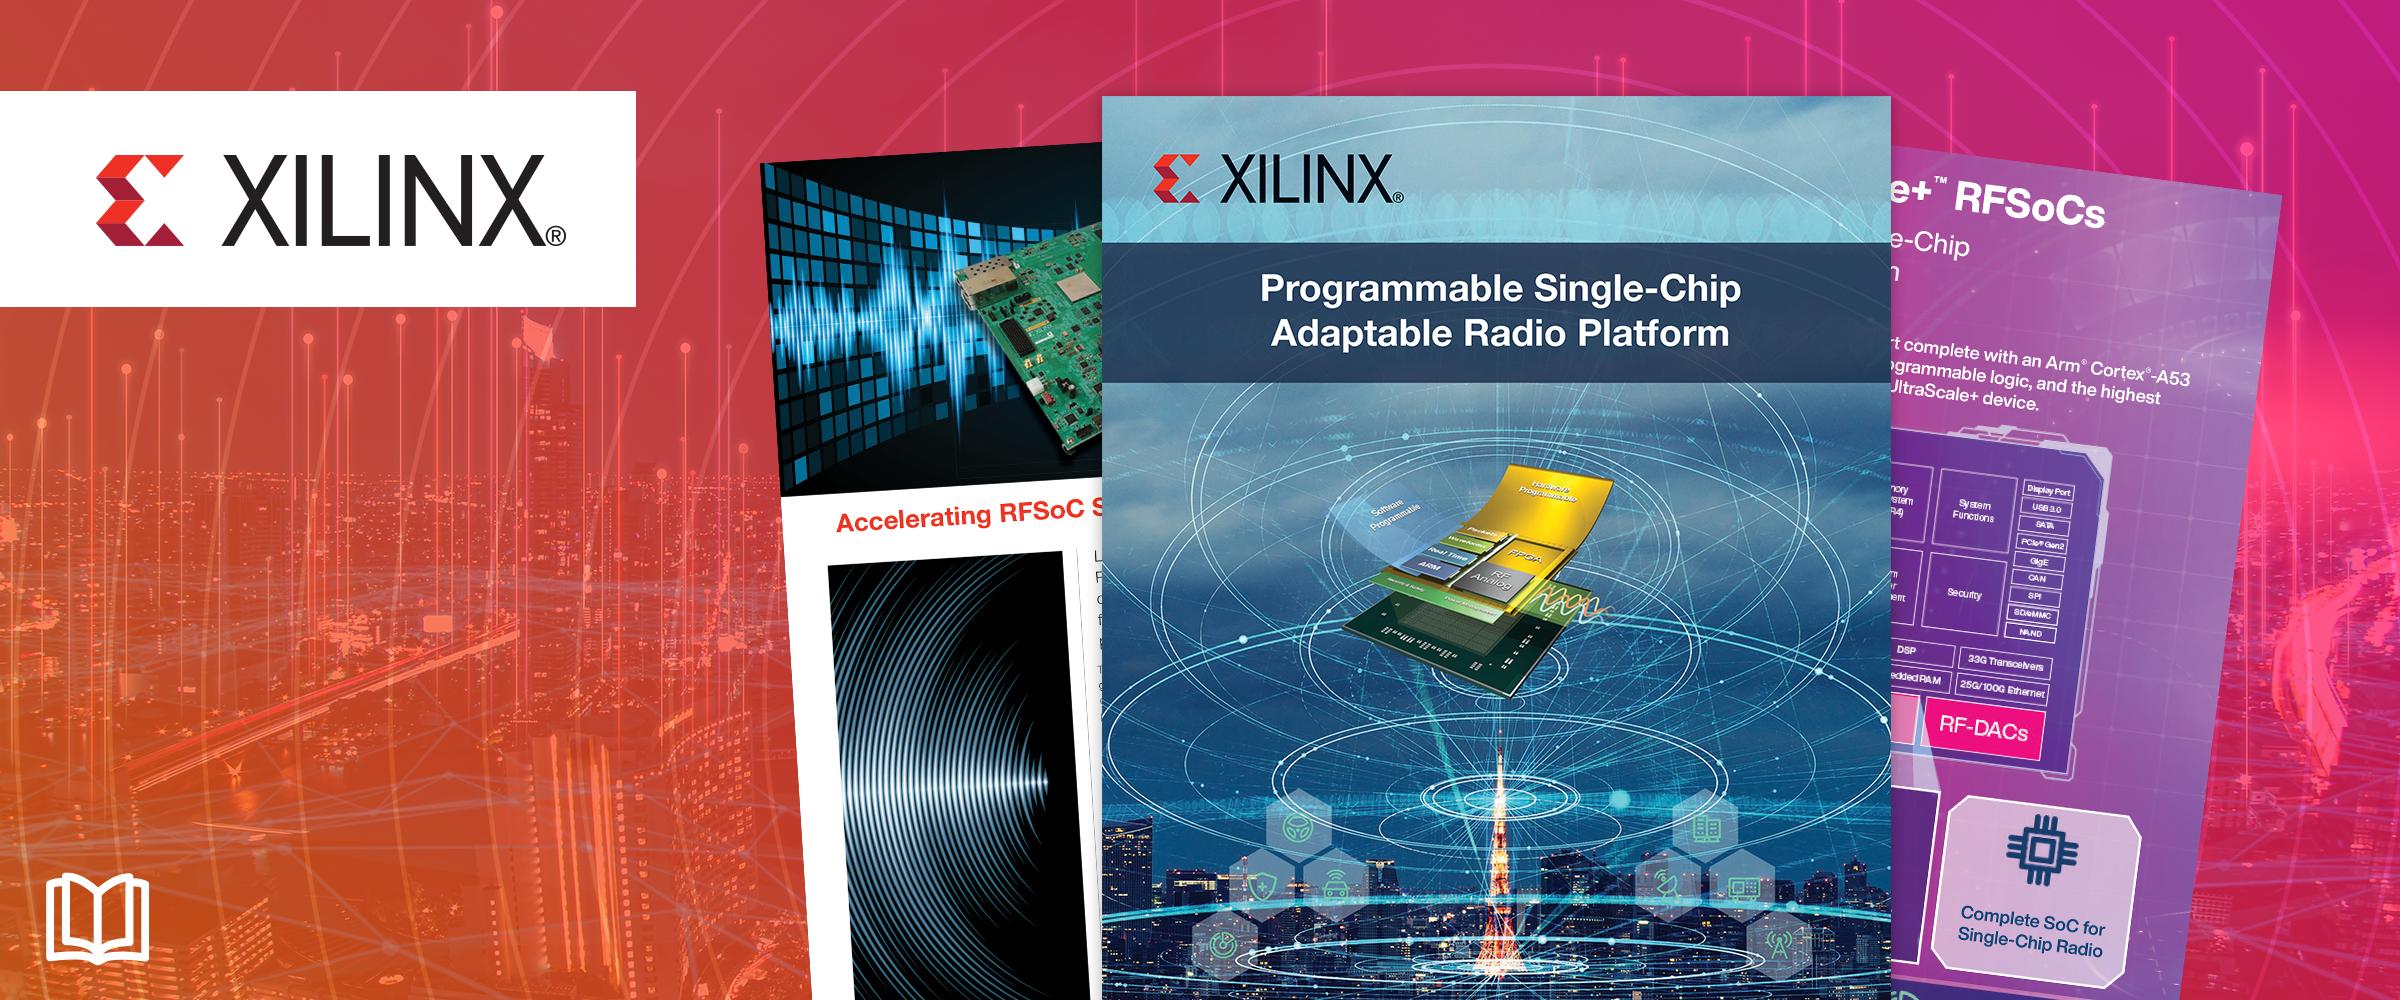 贸泽携手Xilinx推出全新电子书  深入挖掘单芯片自适应无线电平台优势